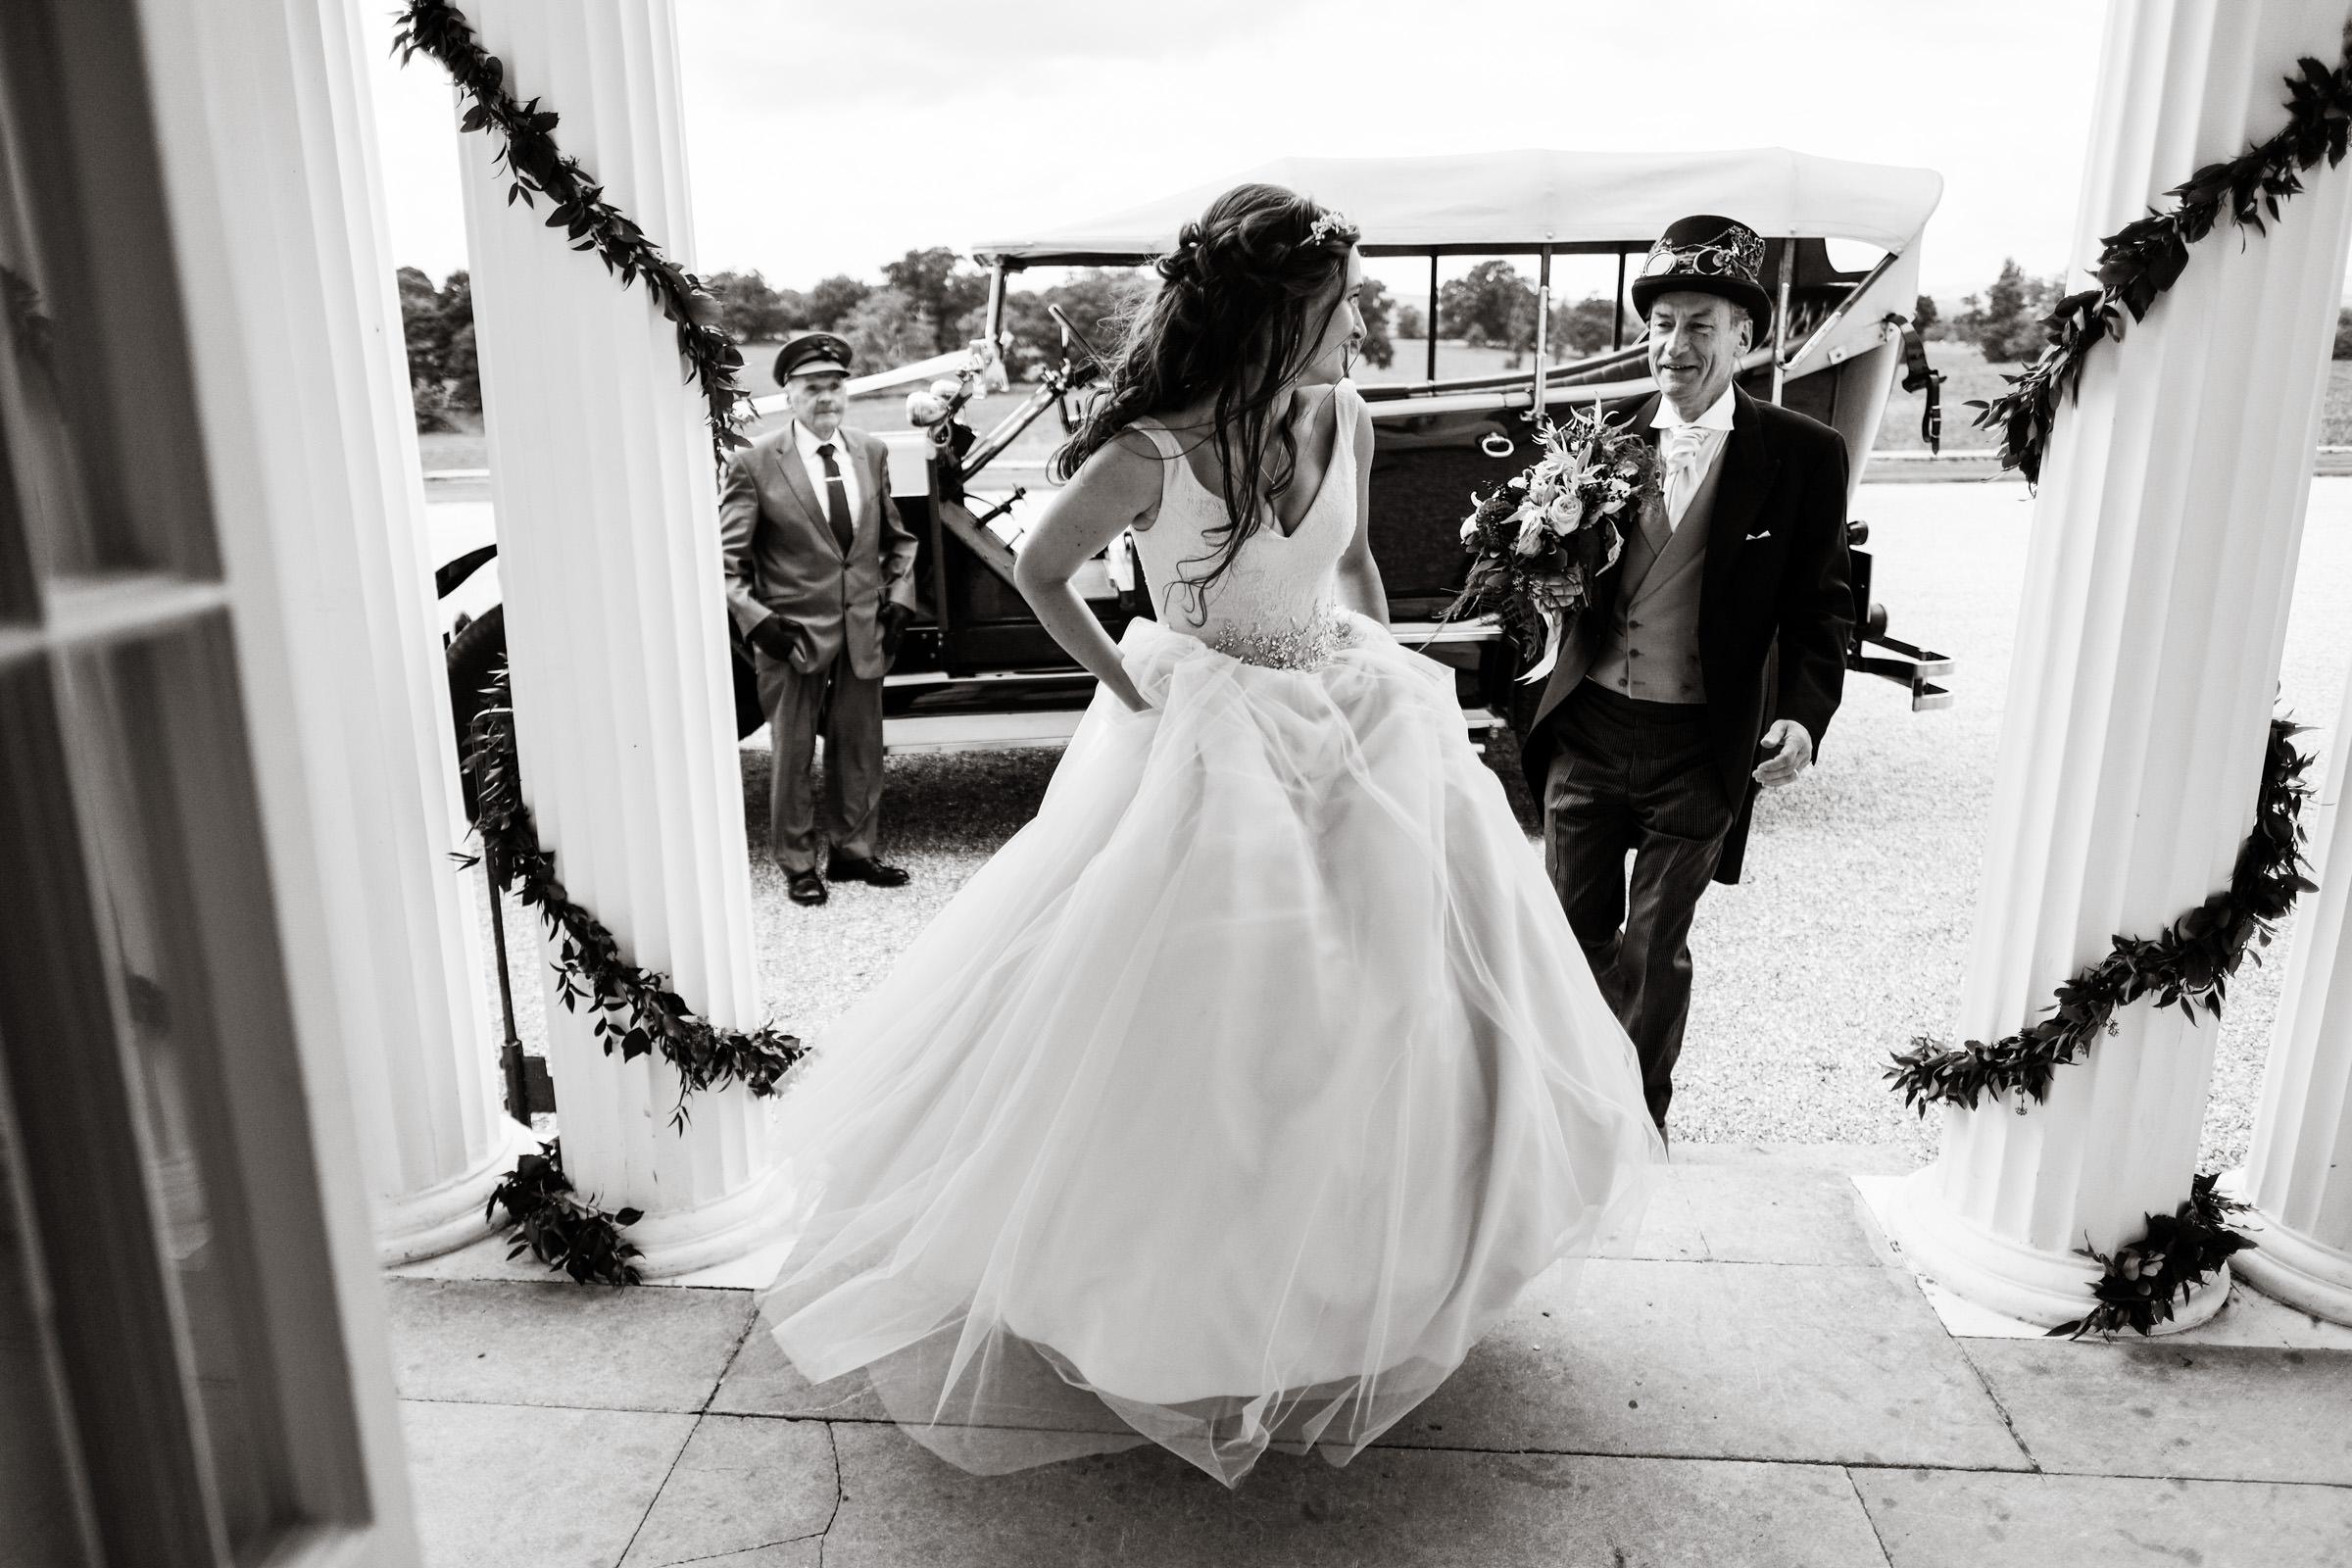 Rockbeare+Manor+Wedding+Photos+Devon+005.jpg